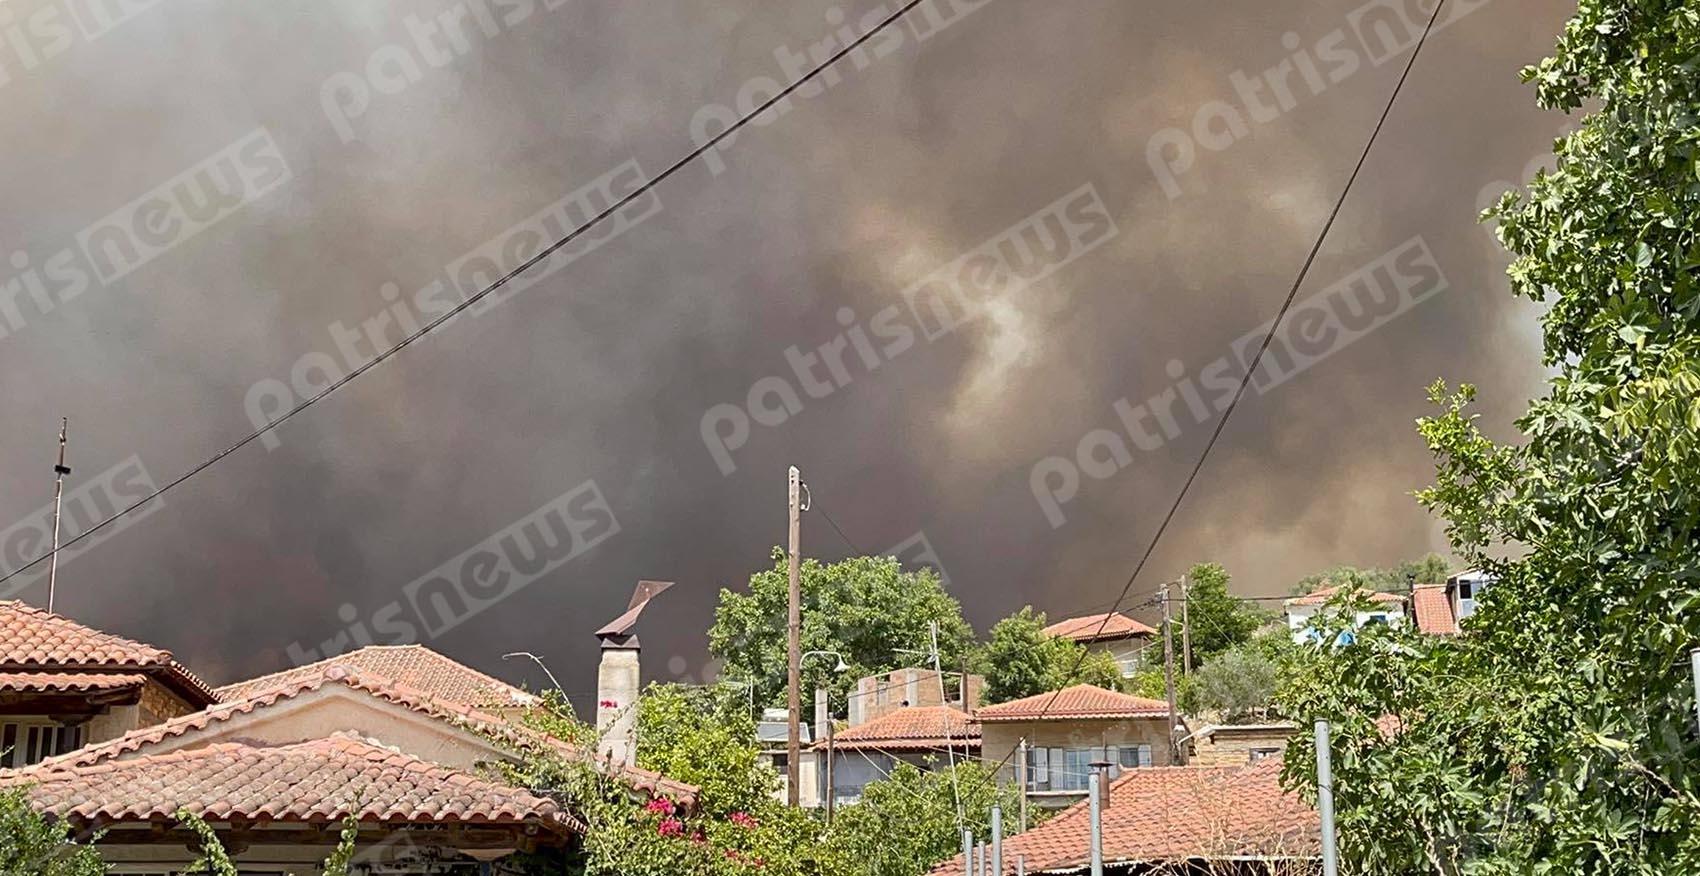 Καίγεται η Ηλεία – Εκκενώνονται περιοχές και η φωτιά πάει προς Ολυμπία